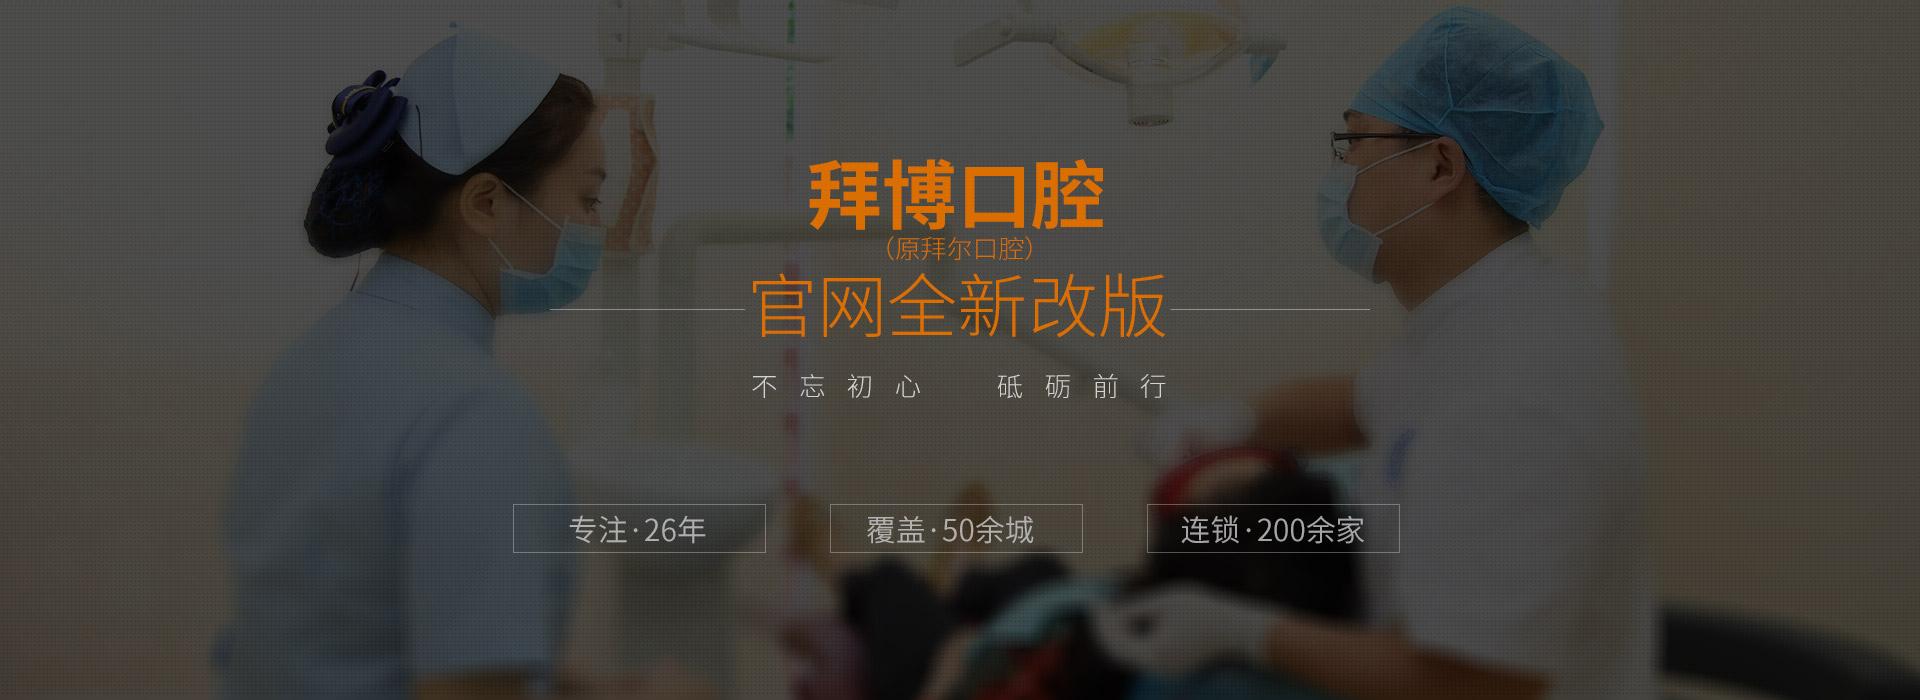 网站全新改版